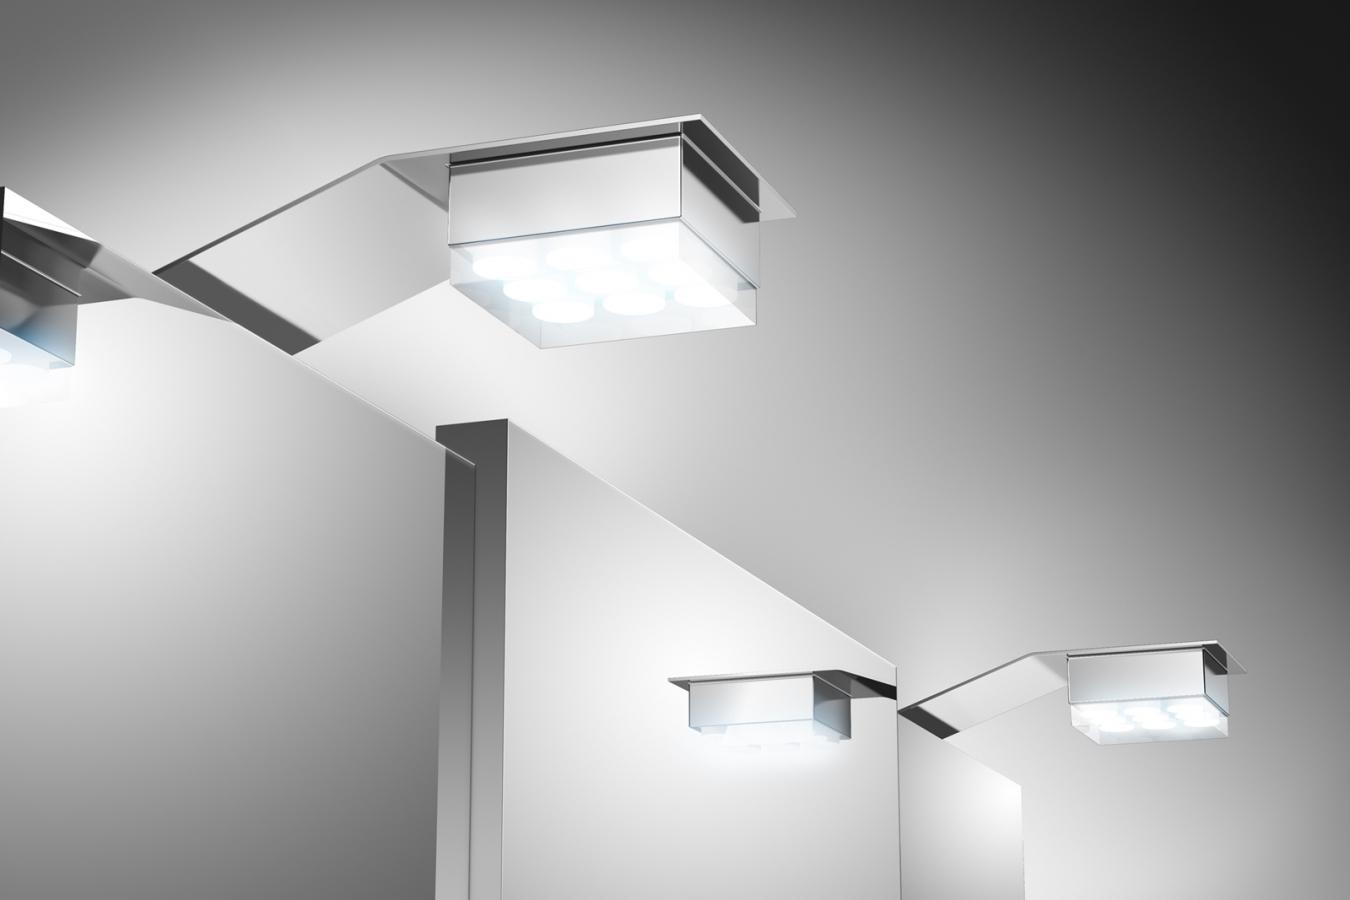 Spiegelschrank Beleuchtung Badezimmer : SAM® Badezimmer Spiegelschrank Beleuchtung LED2er Set Auf Lager